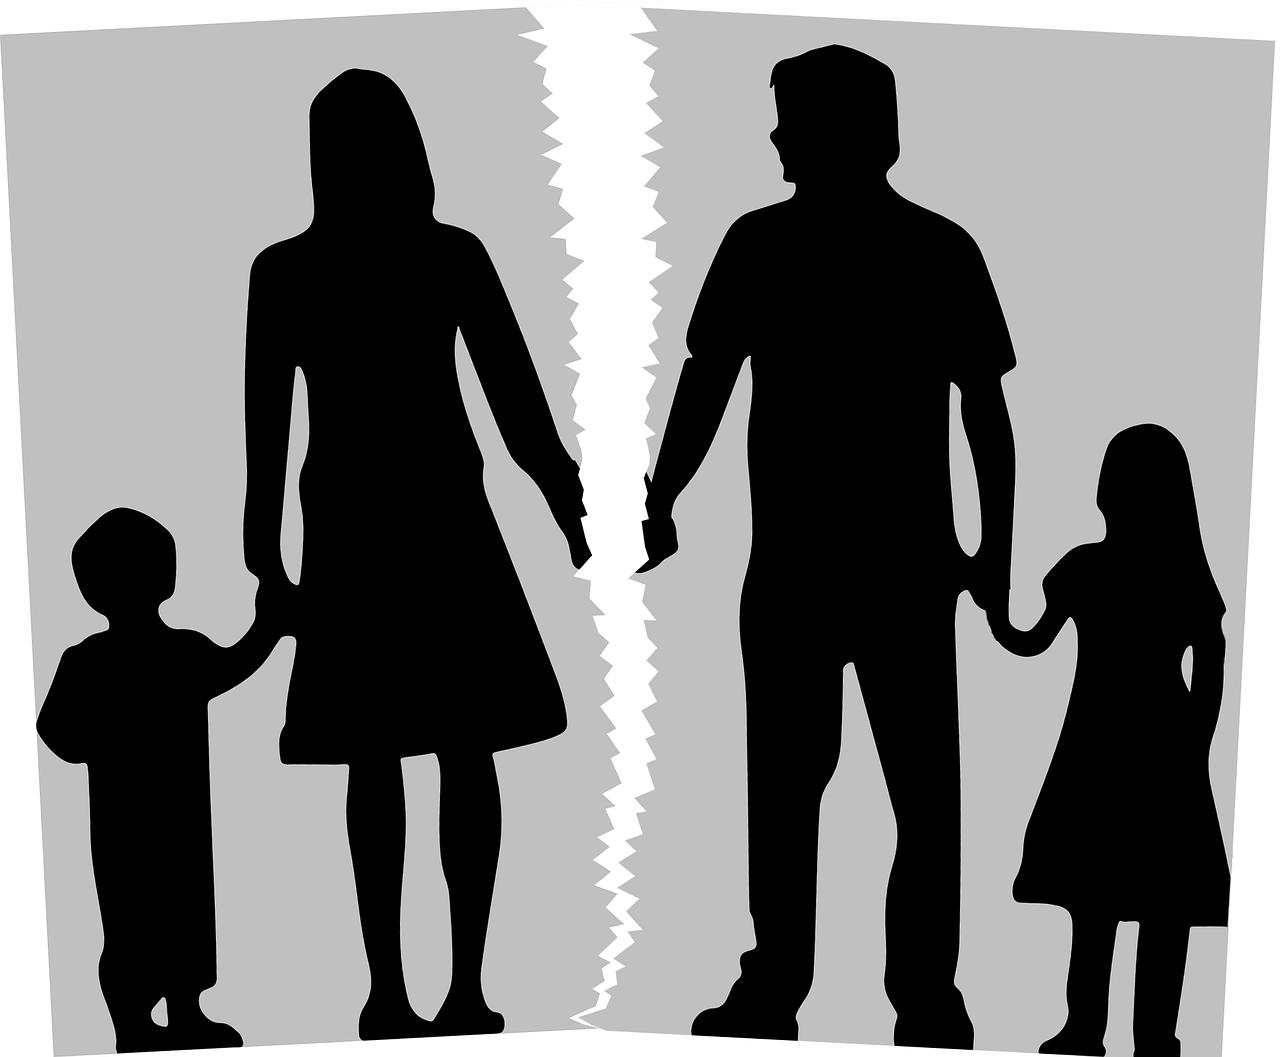 離婚した時、子供の養育費っていったい何歳まで支払われるのか教えて!